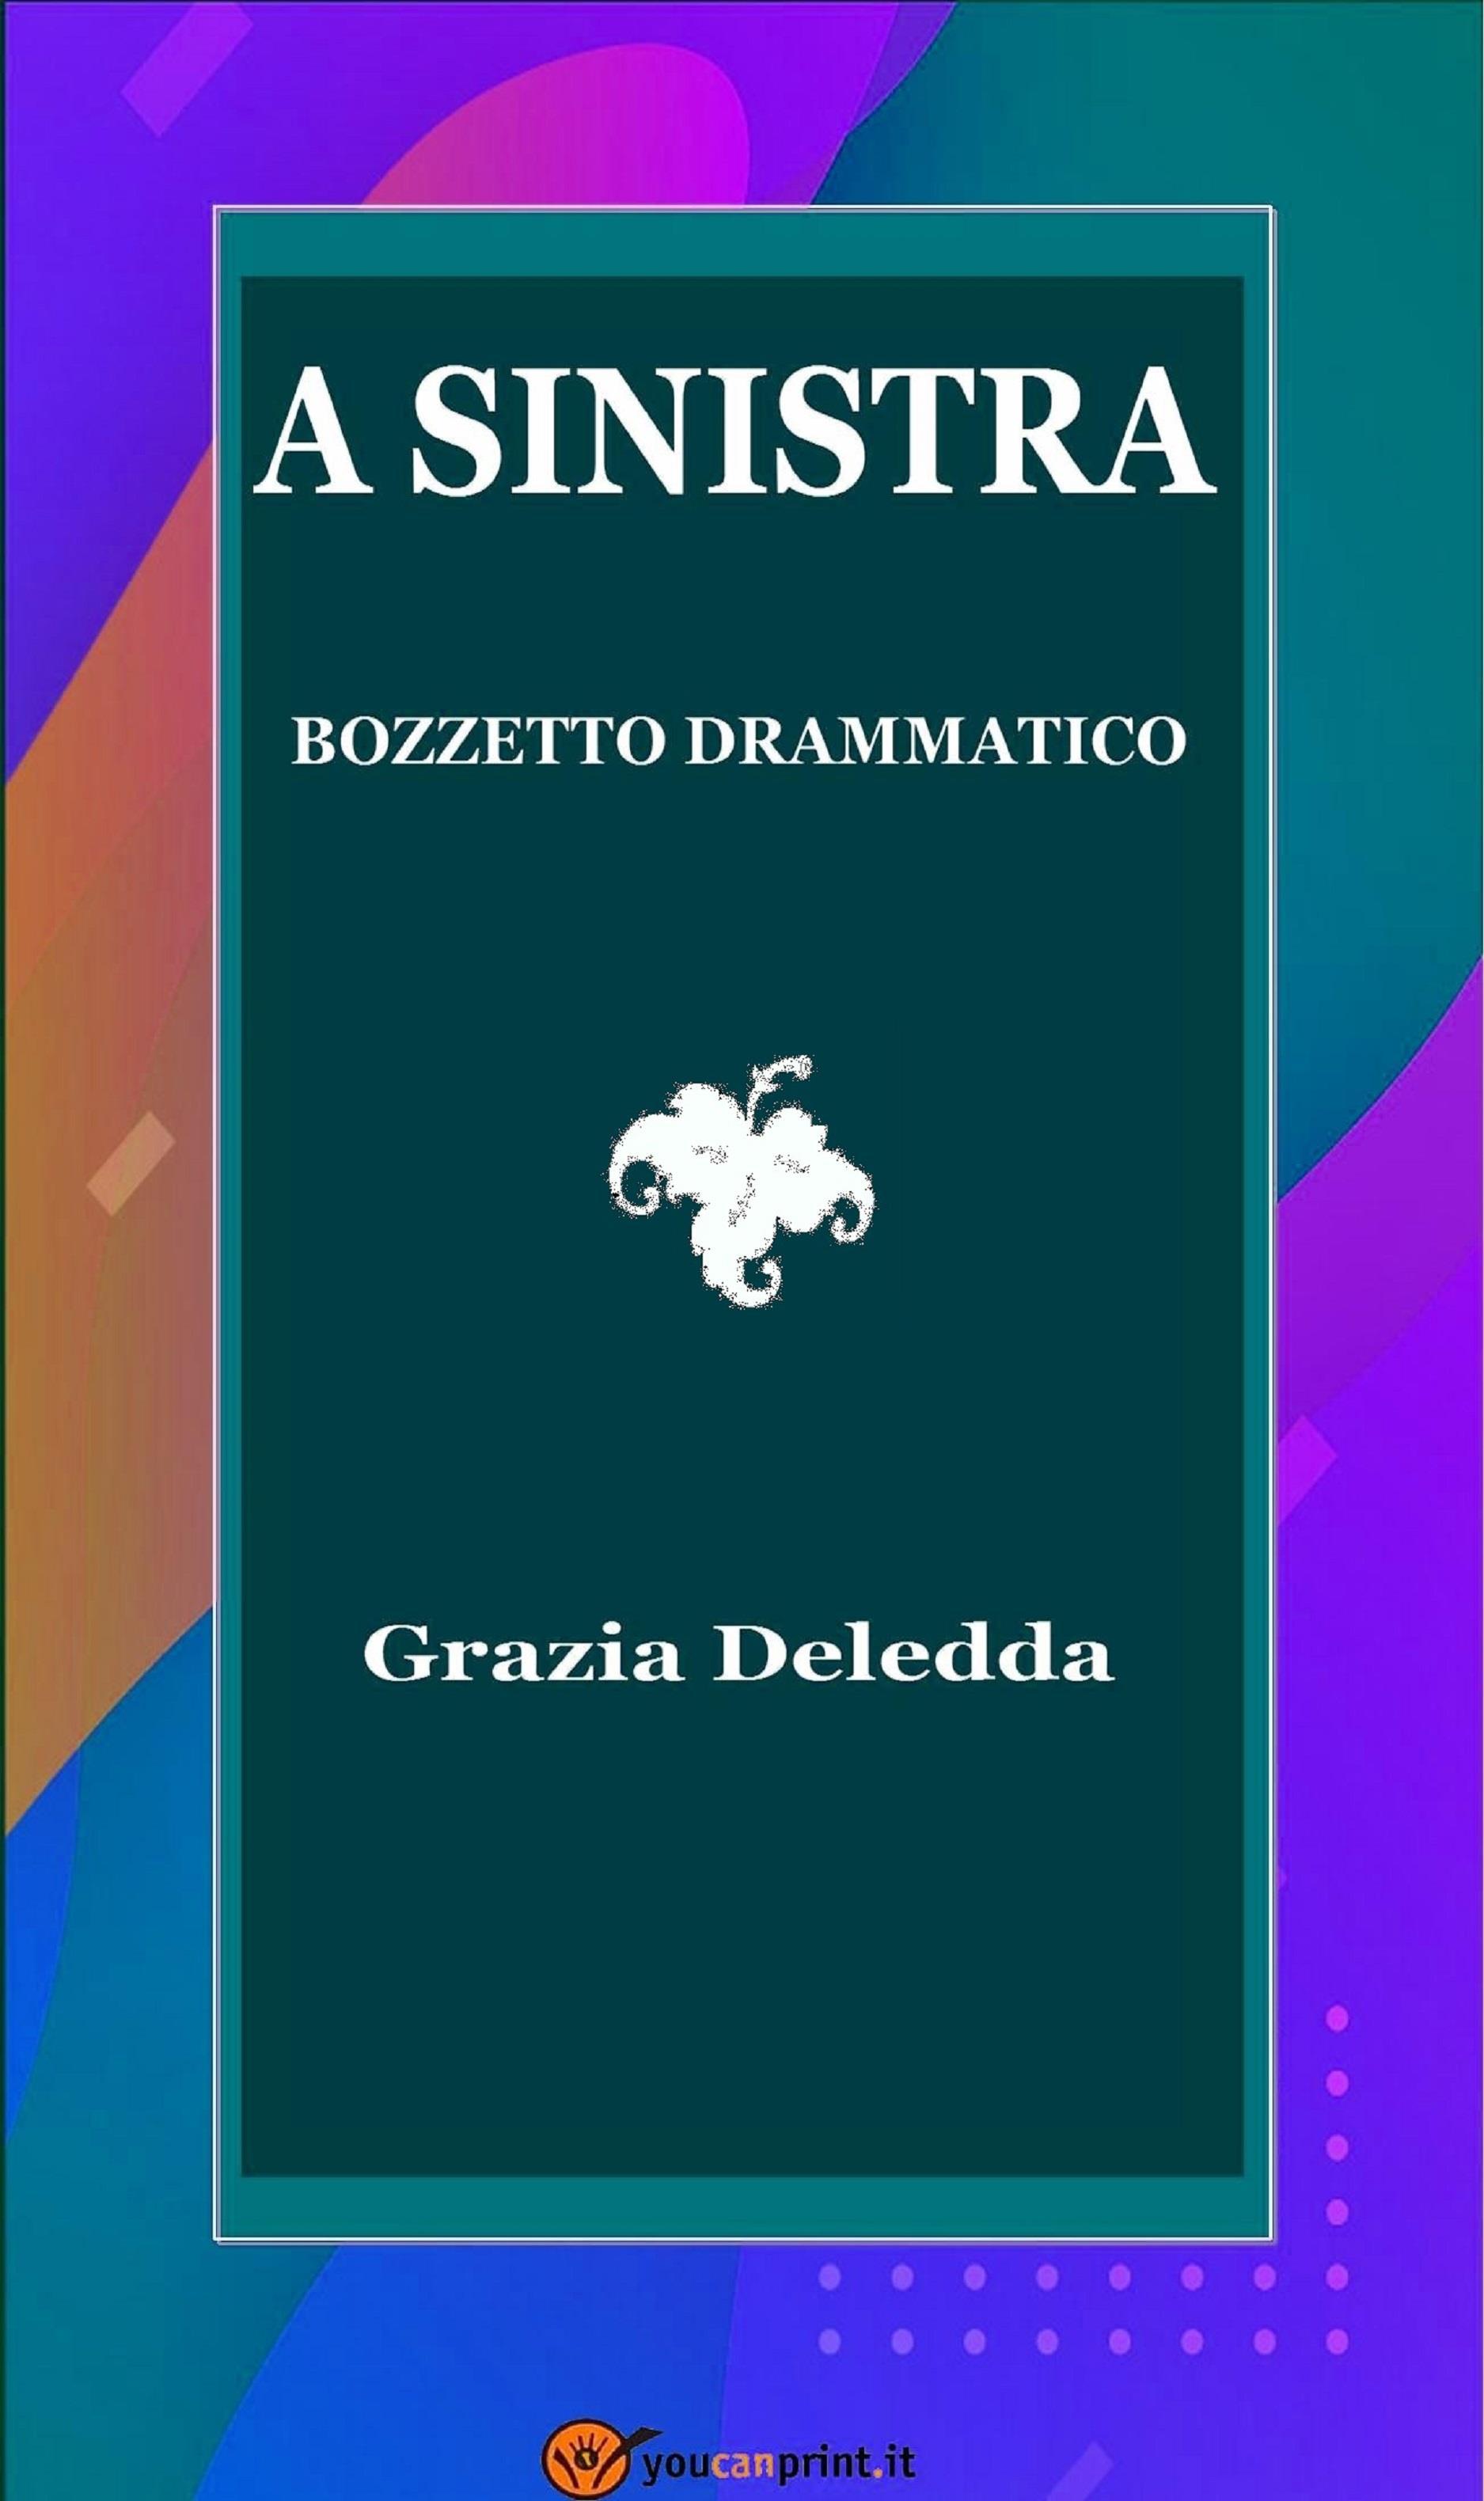 A Sinistra. Bozzetto drammatico